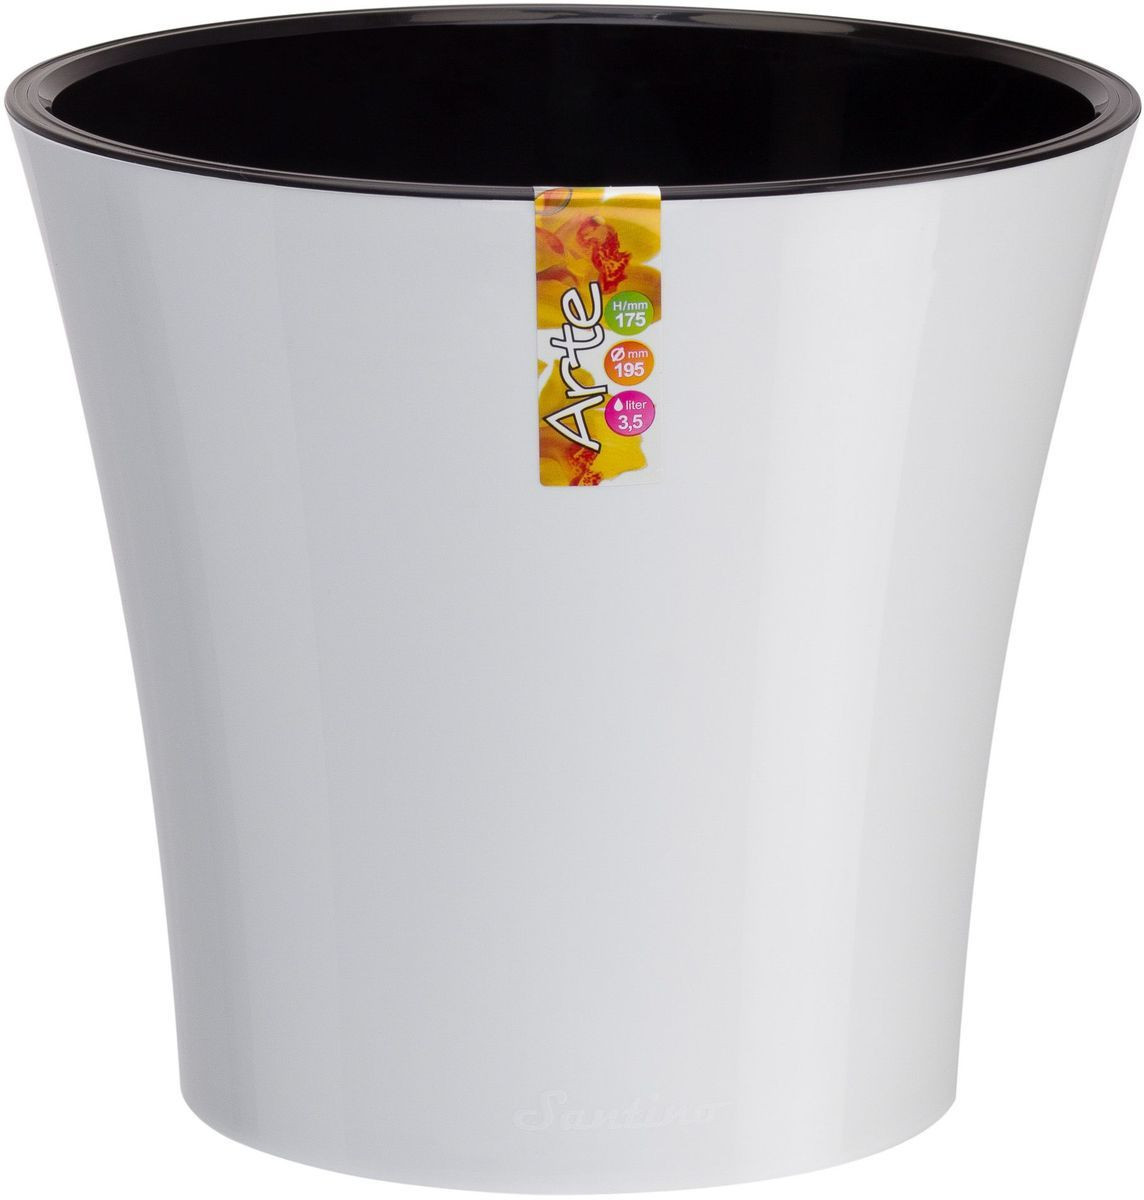 Горшок цветочный Santino Арте, двойной, с системой автополива, цвет: белый, черный, 1,2 лАРТ 1,2 Б-ЧГоршок цветочный Santino Арте снабжен дренажной системой и состоит из кашпо и вазона-вкладыша. Изготовлен из пластика. Особенность: тарелочка или блюдце не нужны. Горшок предназначен для любых растений или цветов. Цветочный дренаж – это система, которая позволяет выводить лишнюю влагу через корневую систему цветка и слой почвы. Растение – это живой организм, следовательно, ему необходимо дышать. В доступе к кислороду нуждаются все части растения: -листья; -корневая система. Если цветовод по какой-либо причине зальет цветок водой, то она буквально вытеснит из почвенного слоя все пузырьки кислорода. Анаэробная среда способствует развитию различного рода бактерий. Безвоздушная среда приводит к загниванию корневой системы, цветок в результате увядает. Суть работы дренажной системы заключается в том, чтобы осуществлять отвод лишней влаги от растения и давать возможность корневой системе дышать без проблем. Следовательно, каждому цветку необходимо: -иметь в основании цветочного горшочка хотя бы одно небольшое дренажное отверстие. Оно необходимо для того, чтобы через него выходила лишняя вода, плюс ко всему это отверстие дает возможность циркулировать воздух. -на самом дне горшка необходимо выложить слоем в 2-5 см (зависит от вида растения) дренаж.УВАЖАЕМЫЕ КЛИЕНТЫ!Обращаем ваше внимание на тот факт, что фото изделия служит для визуального восприятия товара. Литраж и размеры, представленные на этикетке товара, могут по факту отличаться от реальных. Корректные данные в поле Размеры.